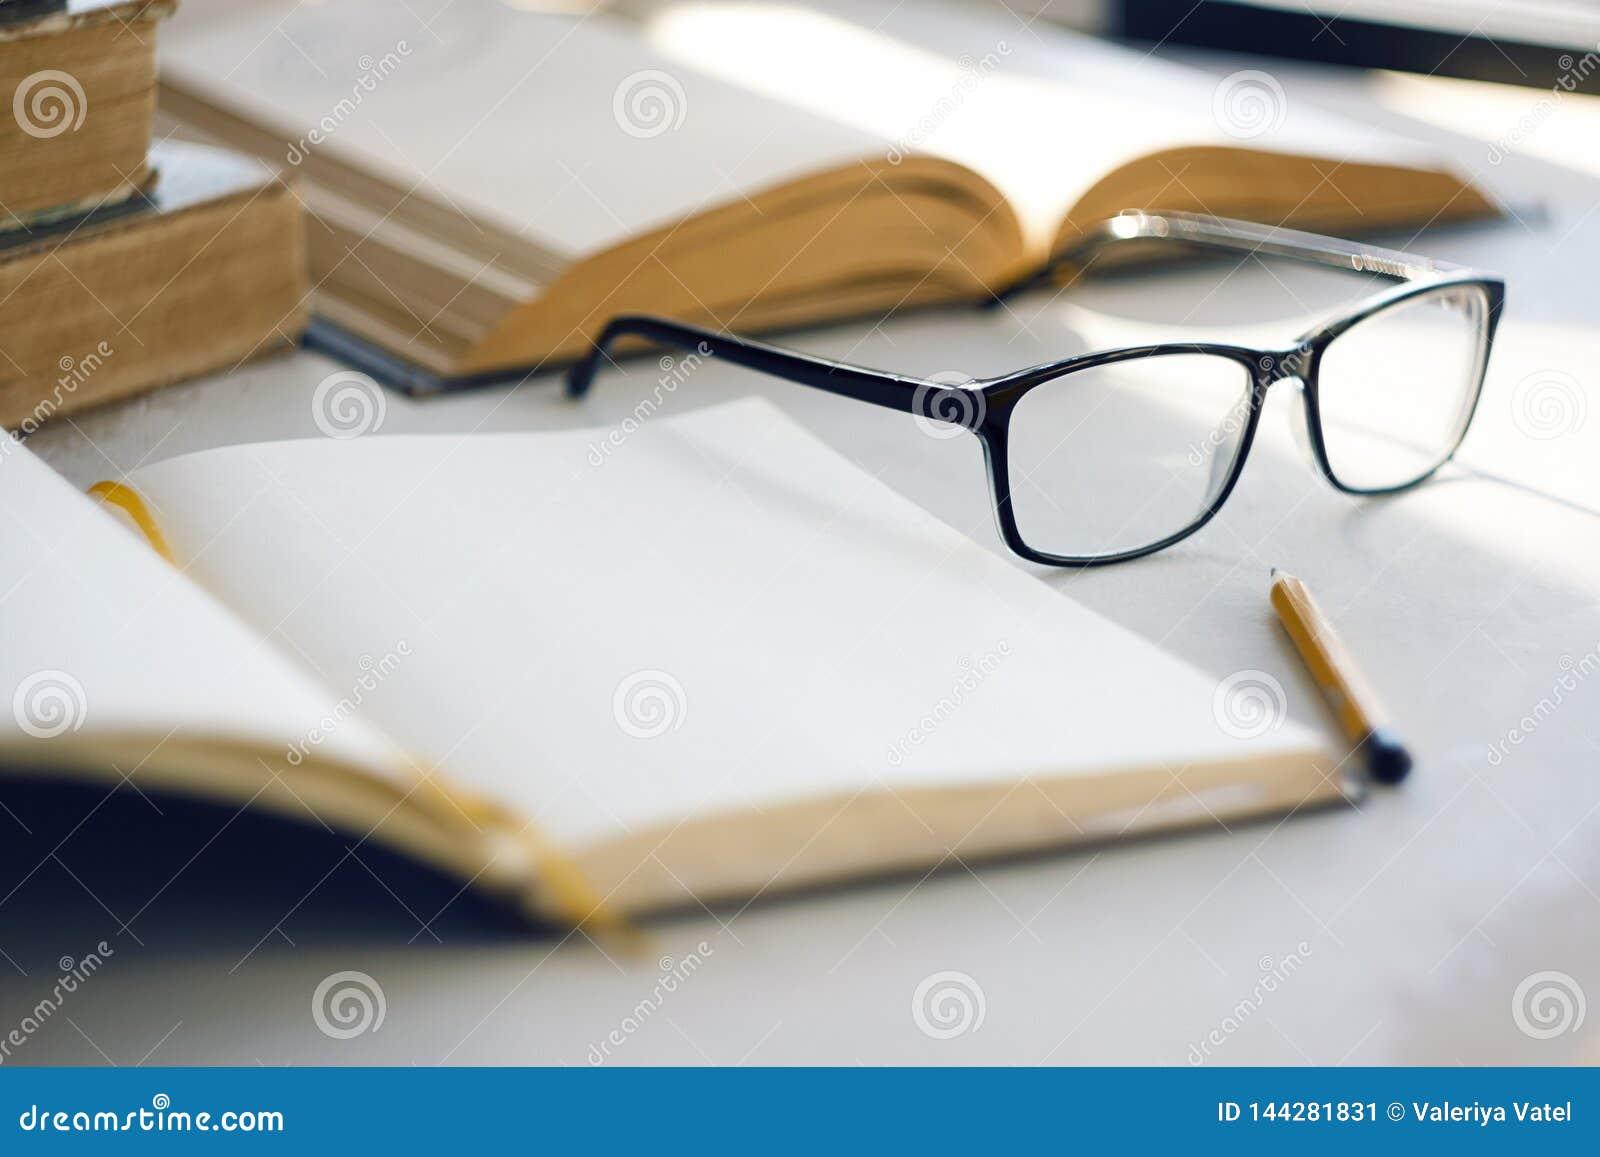 Яркое солнце освещает старые энциклопедии, тетрадь, простой карандаш и стекла